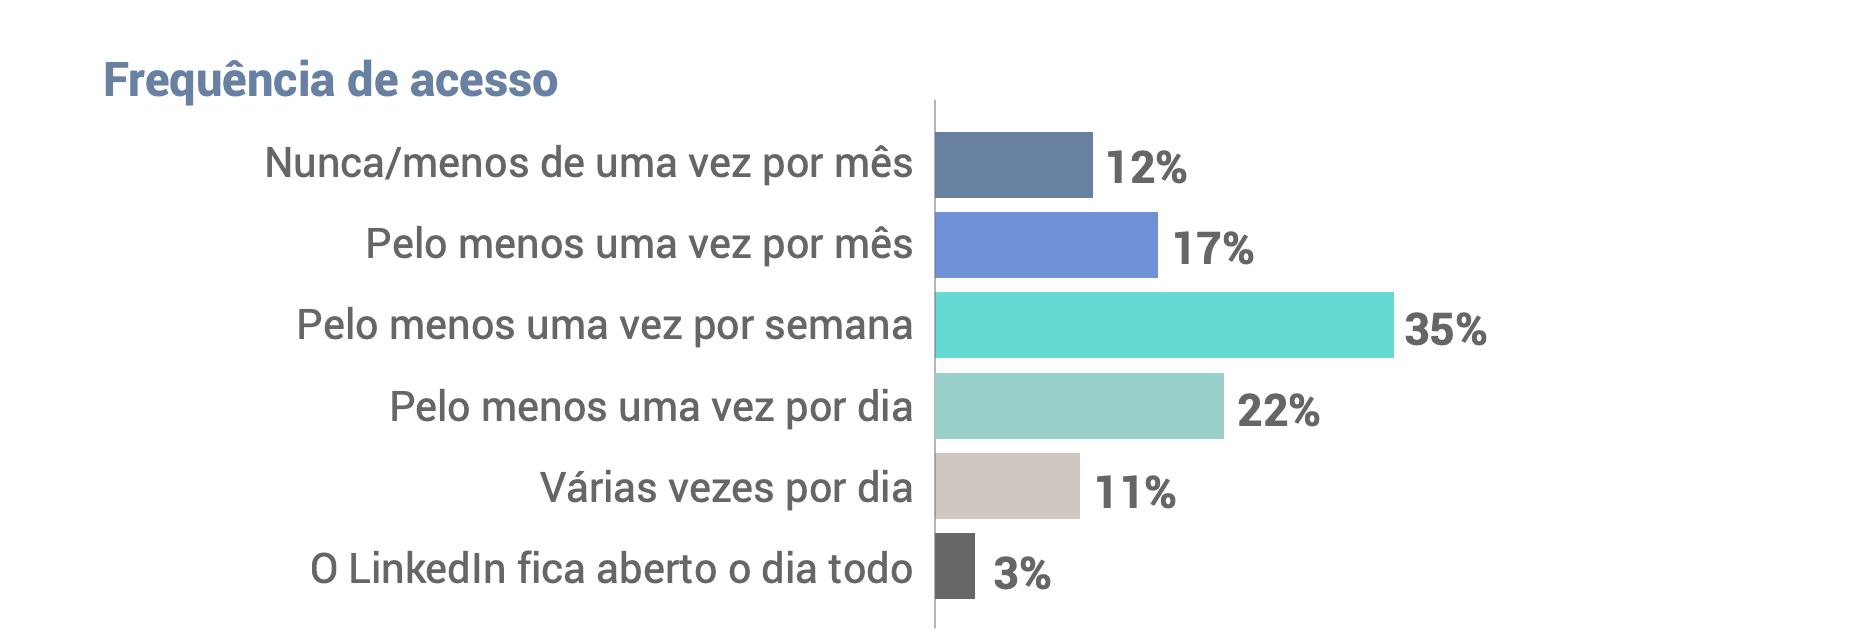 frequencia do linkedin no brasil - LinkedIn no Brasil: entenda o que pensam os usuários da rede social